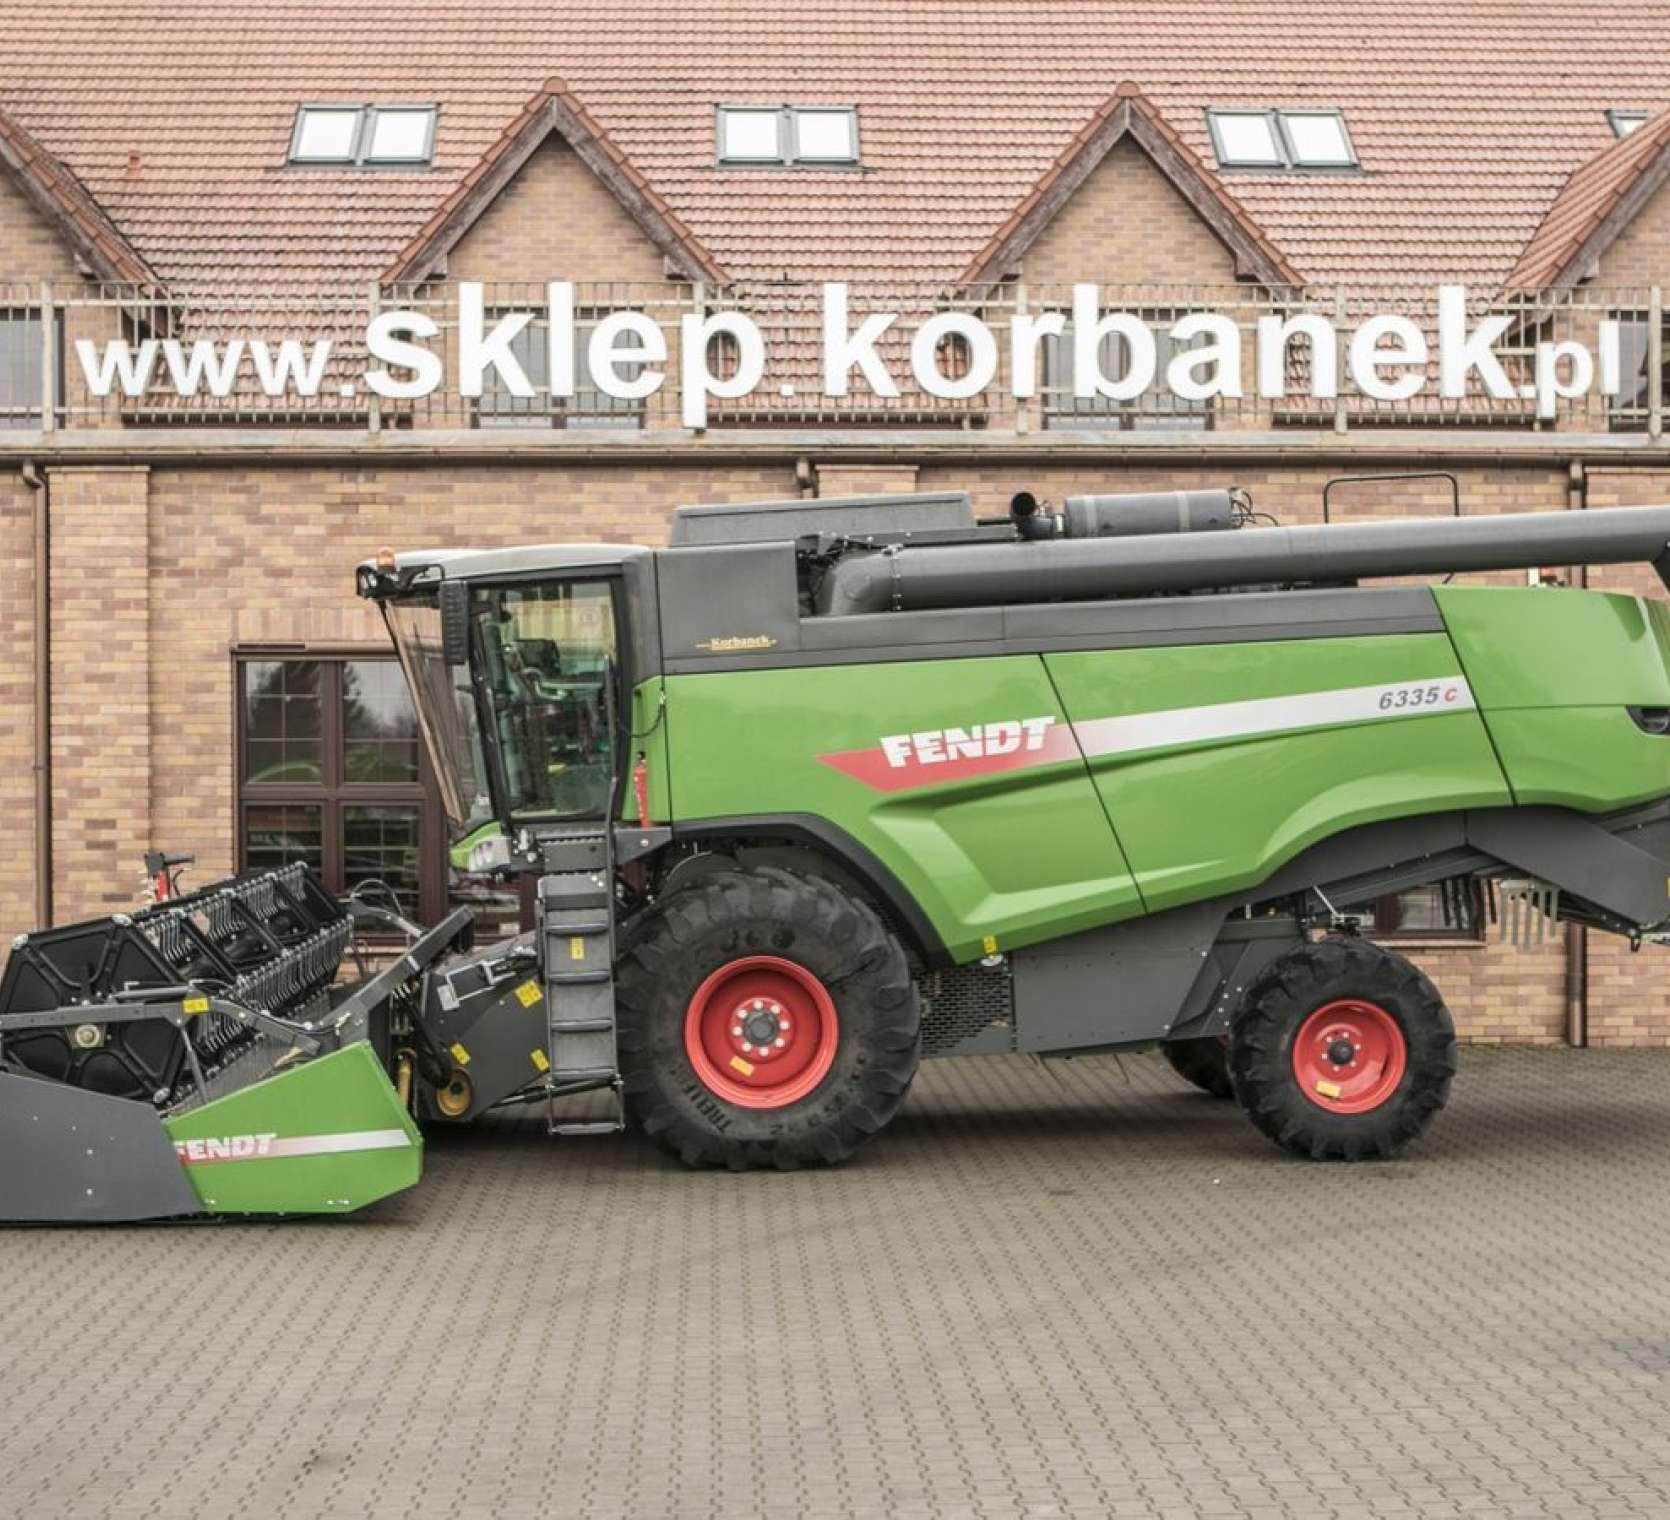 Zielony Fendt 6335 używany kombajn do zbioru zbóż